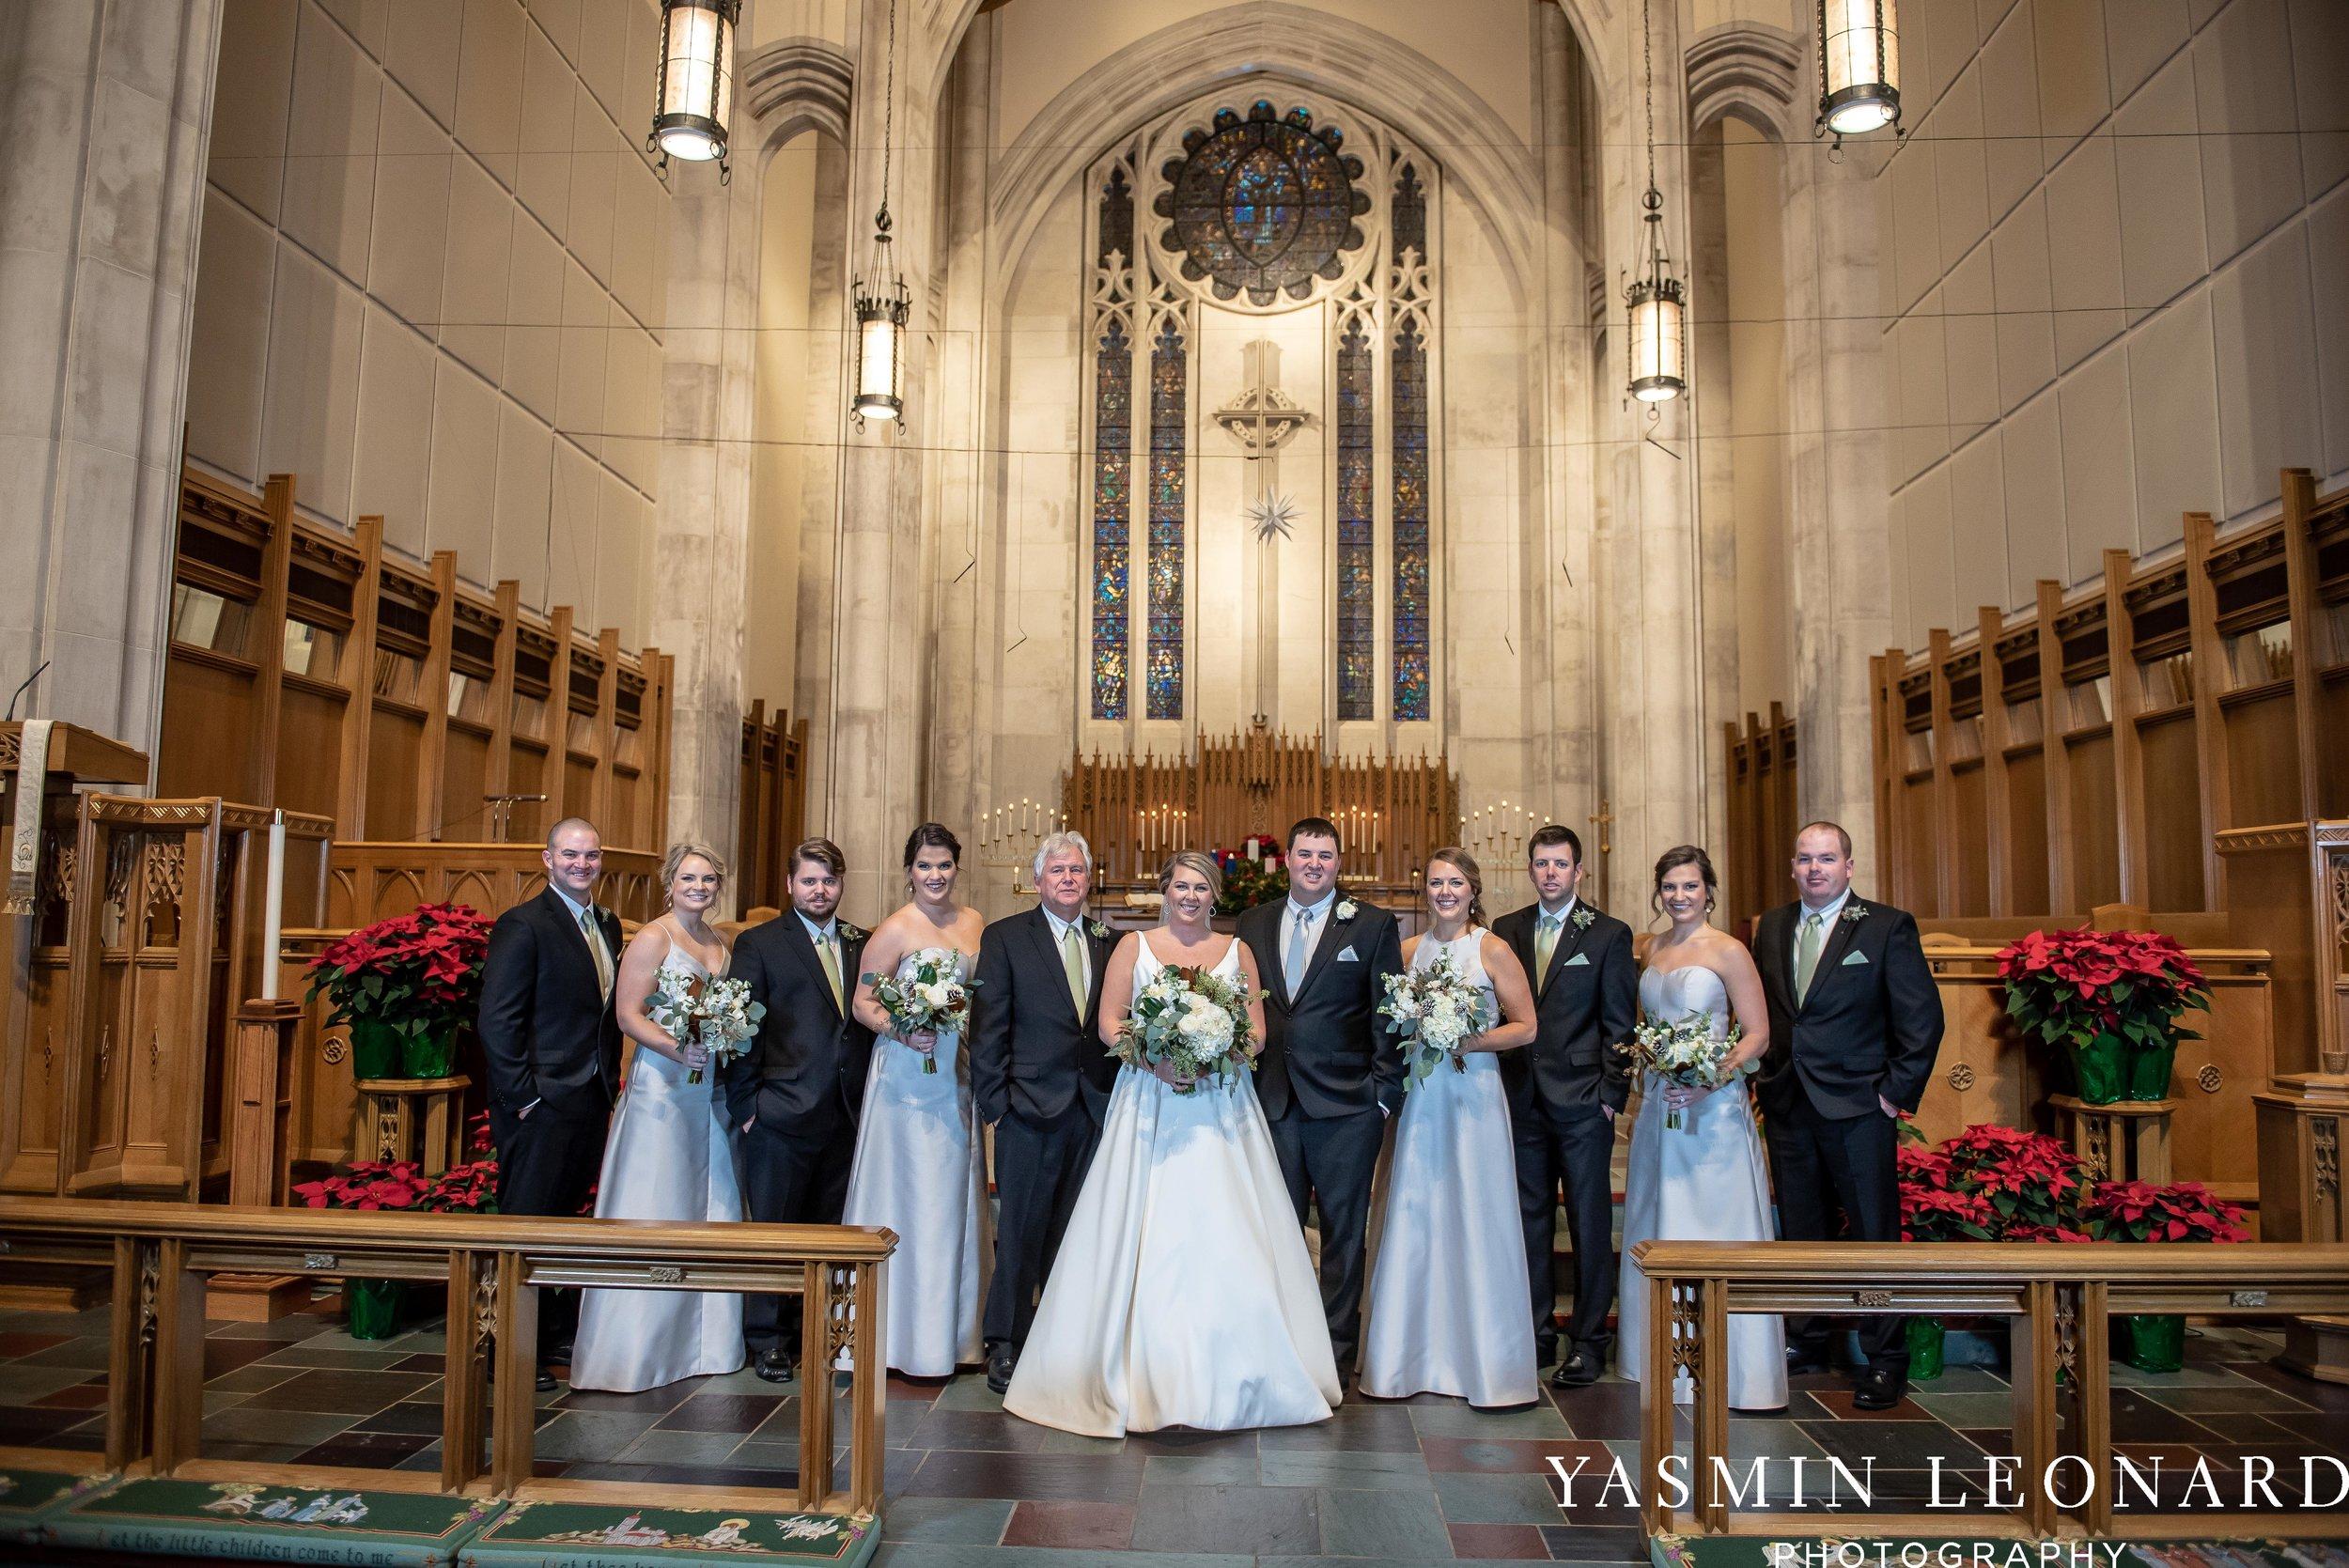 Adaumont Farm - Wesley Memorial Weddings - High Point Weddings - Just Priceless - NC Wedding Photographer - Yasmin Leonard Photography - High Point Wedding Vendors-39.jpg